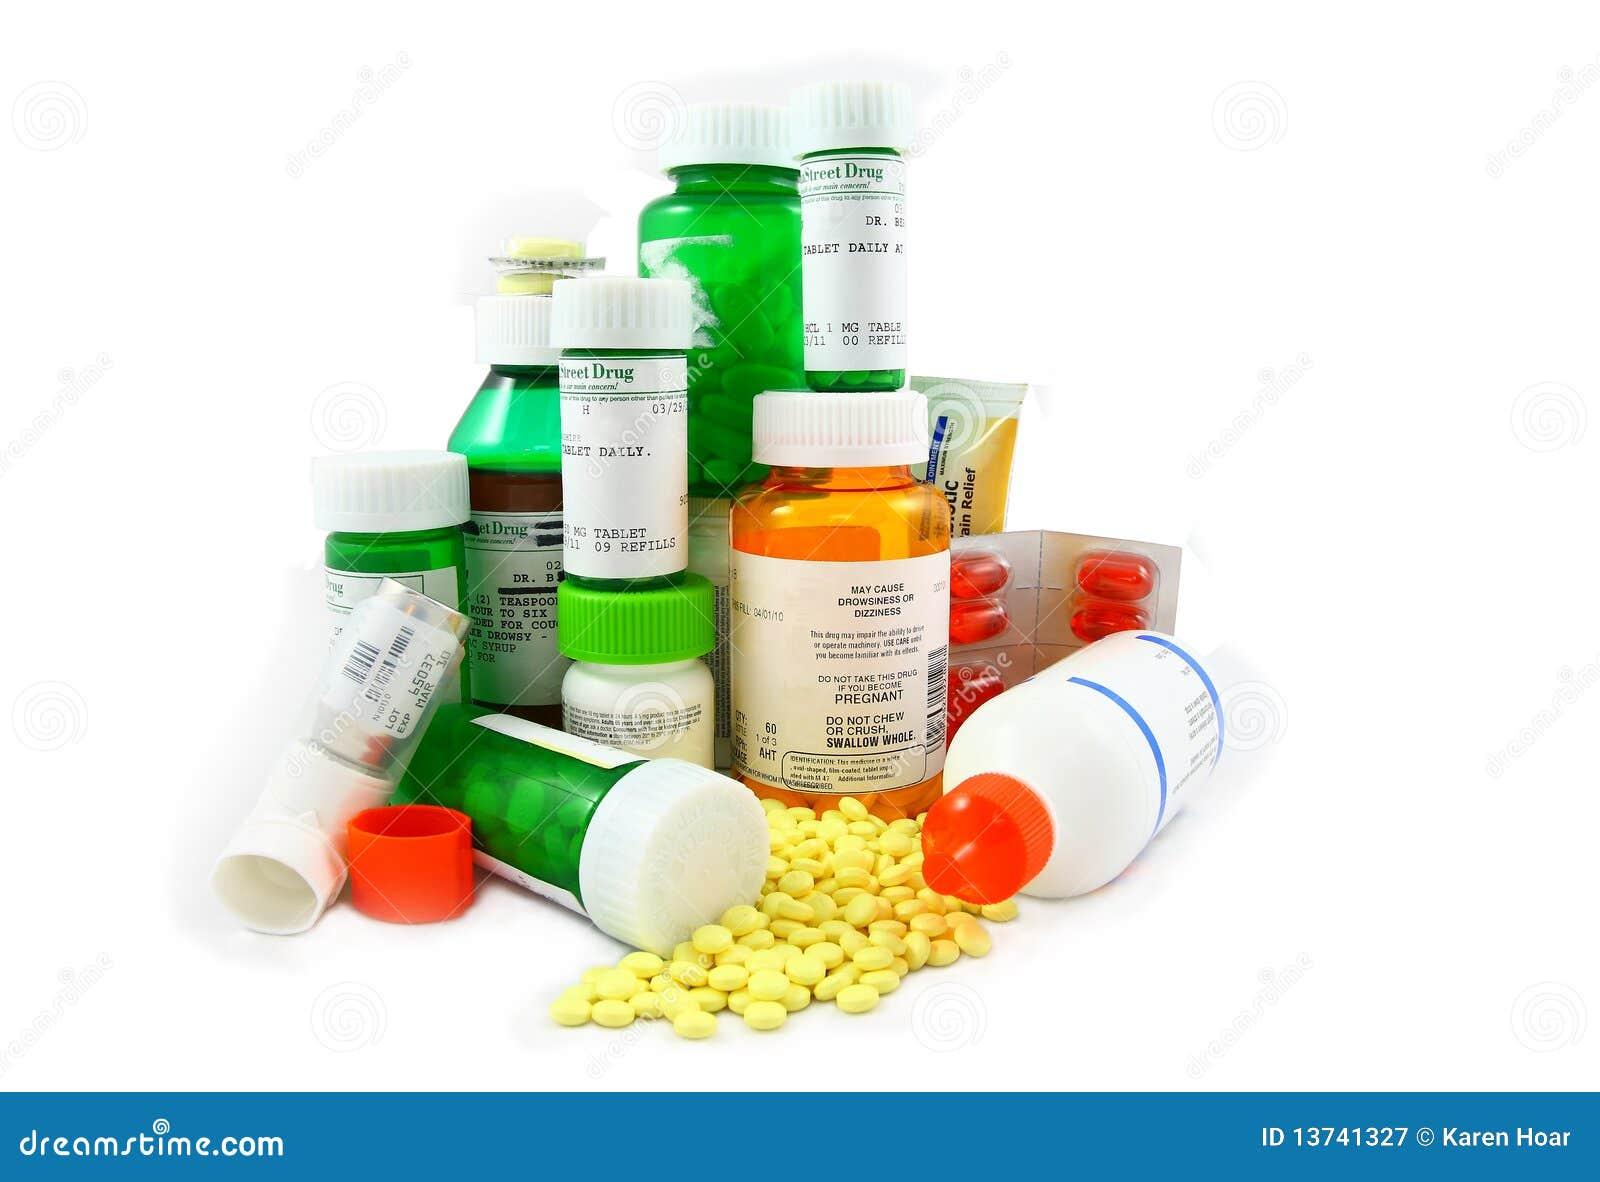 Find a Medication